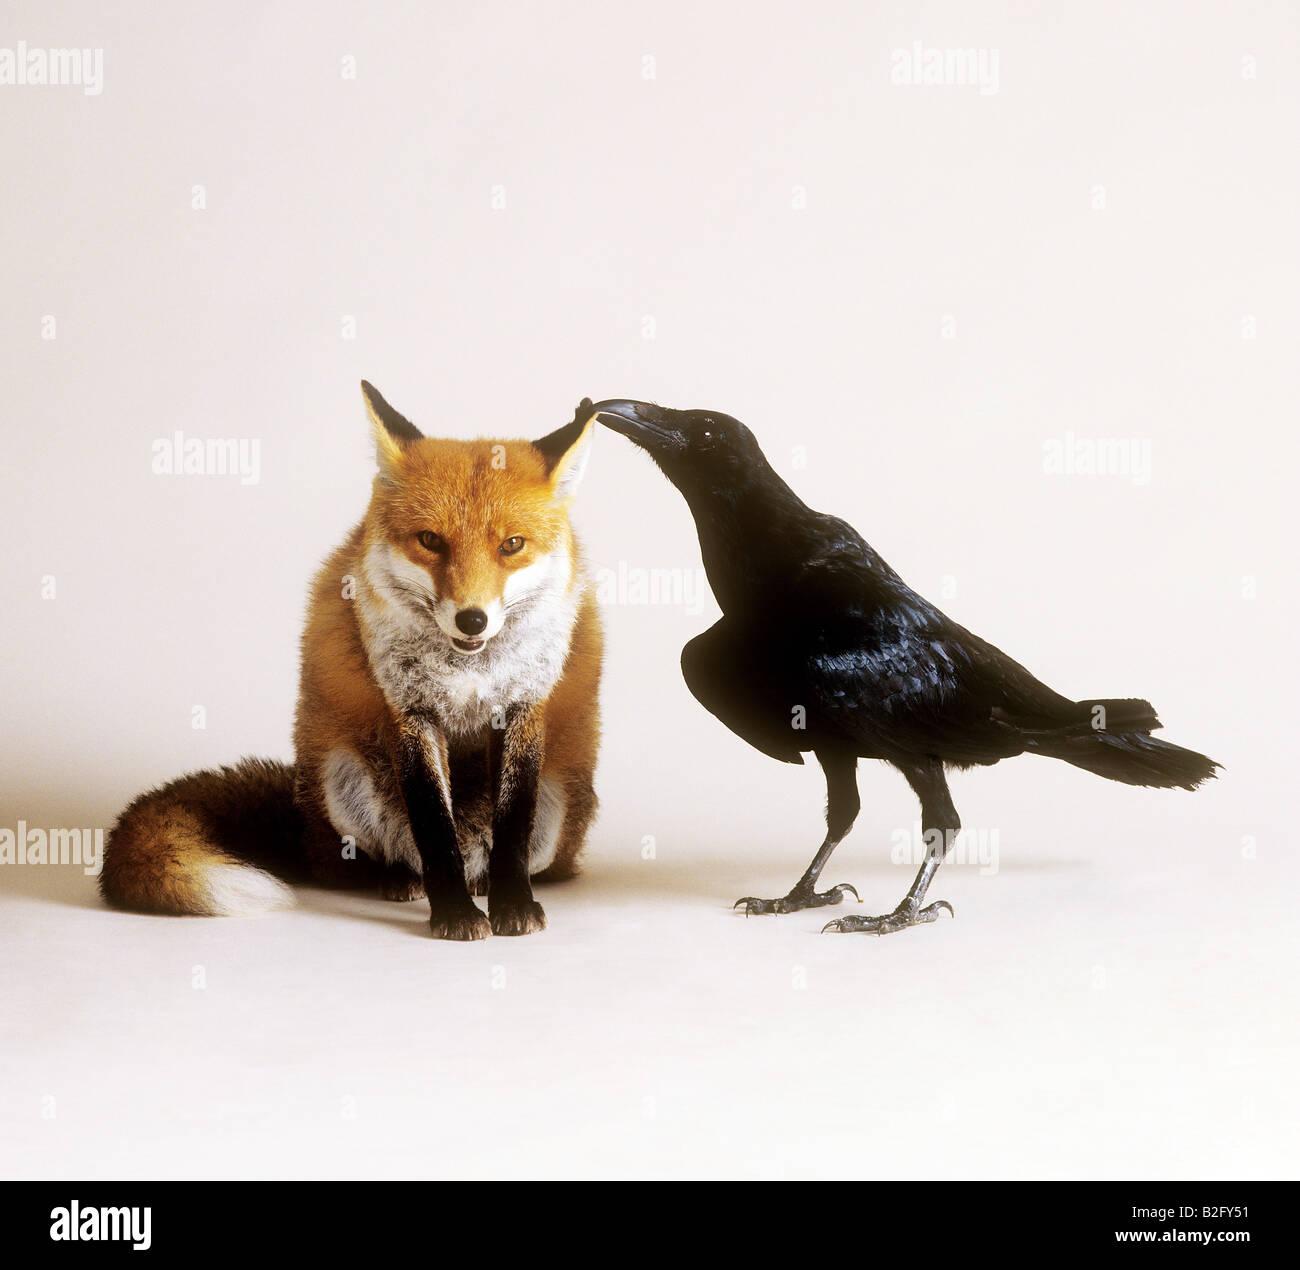 Je ne fais que passer. - Page 3 Amitie-animale-red-fox-et-crow-b2fy51